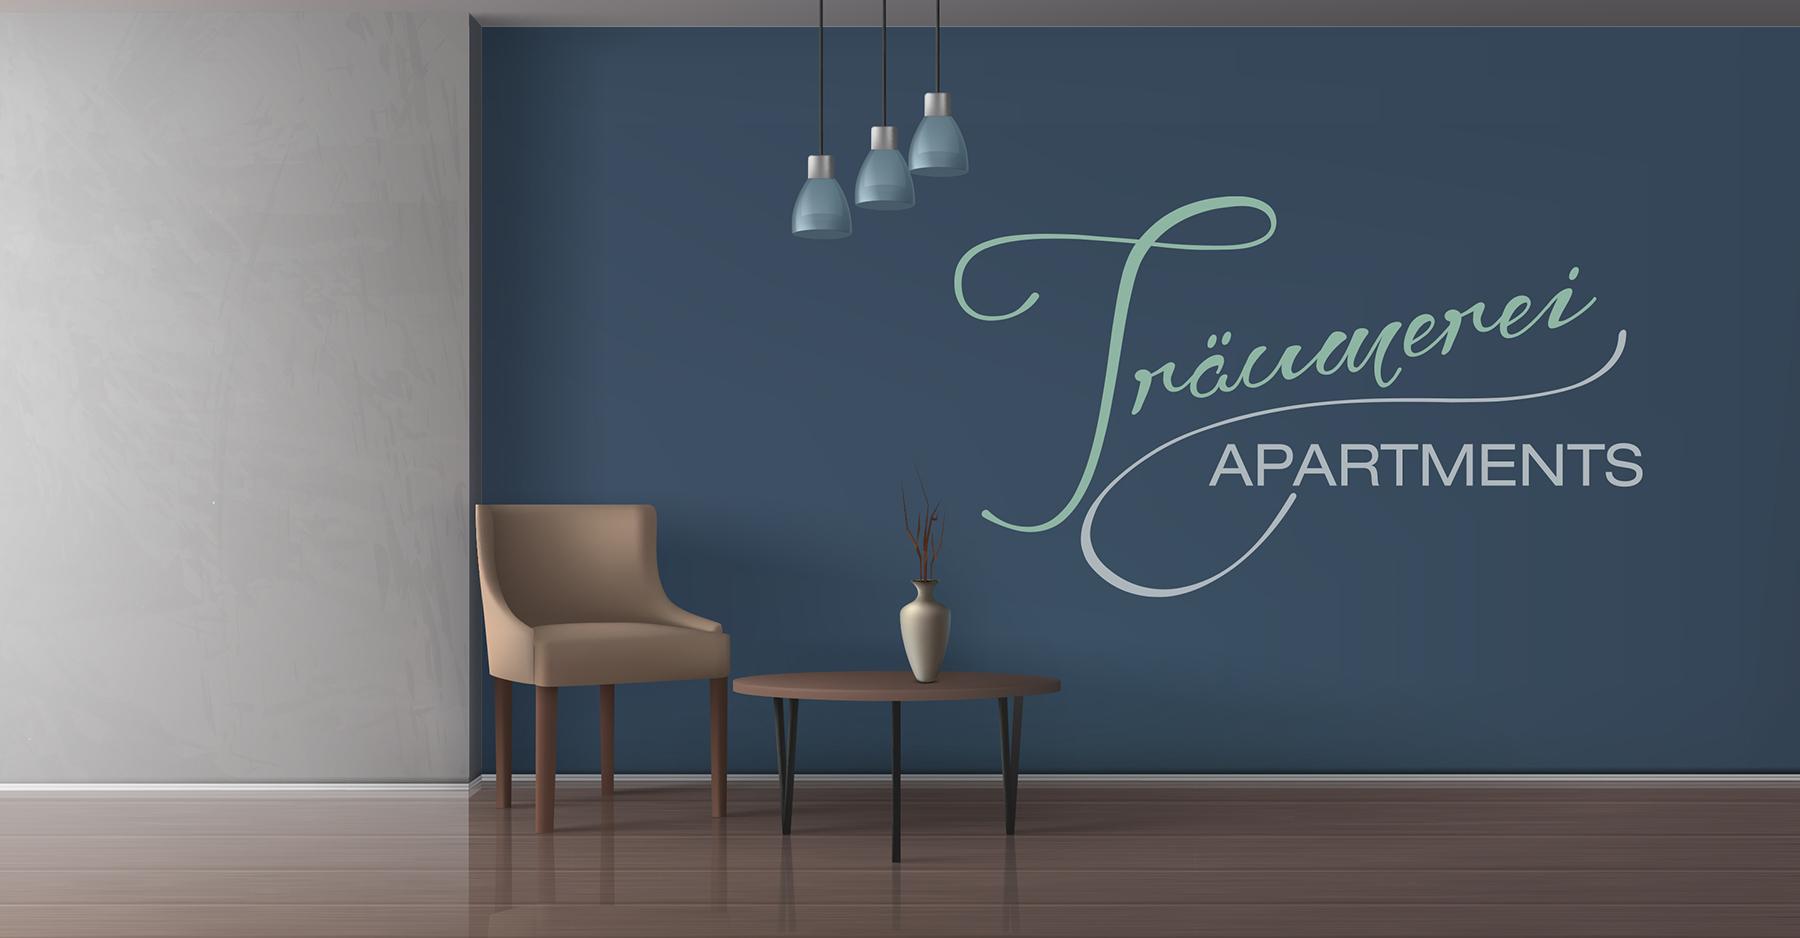 Uff zack Grafikdesign Logodesign für Träumerei Apartments